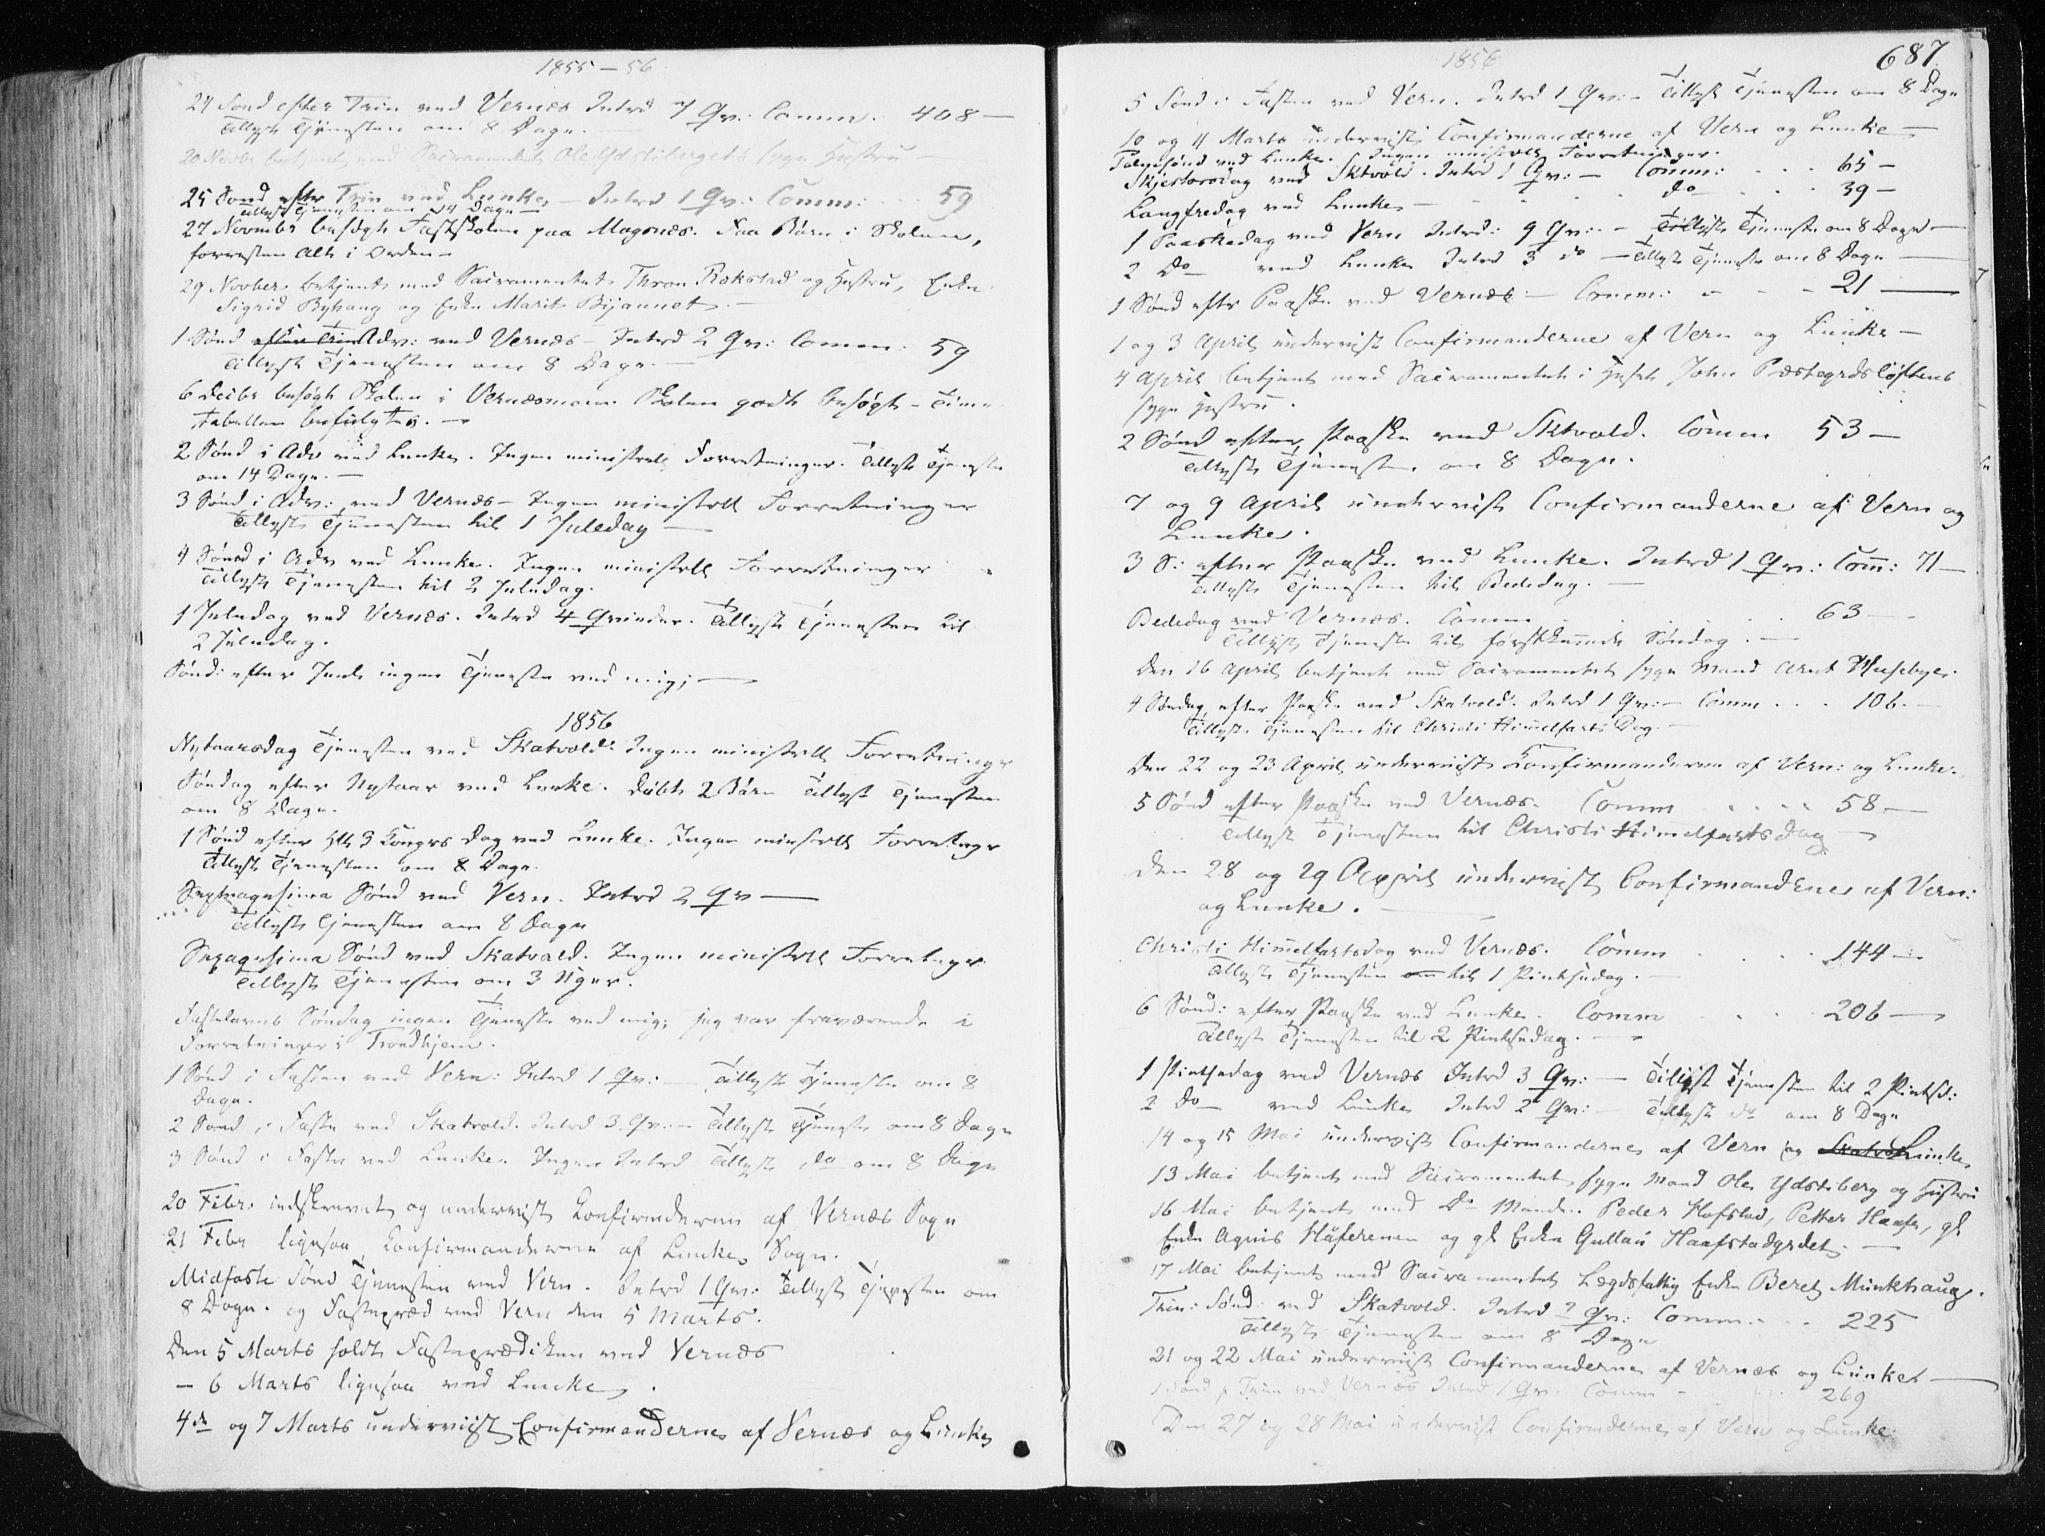 SAT, Ministerialprotokoller, klokkerbøker og fødselsregistre - Nord-Trøndelag, 709/L0074: Ministerialbok nr. 709A14, 1845-1858, s. 687